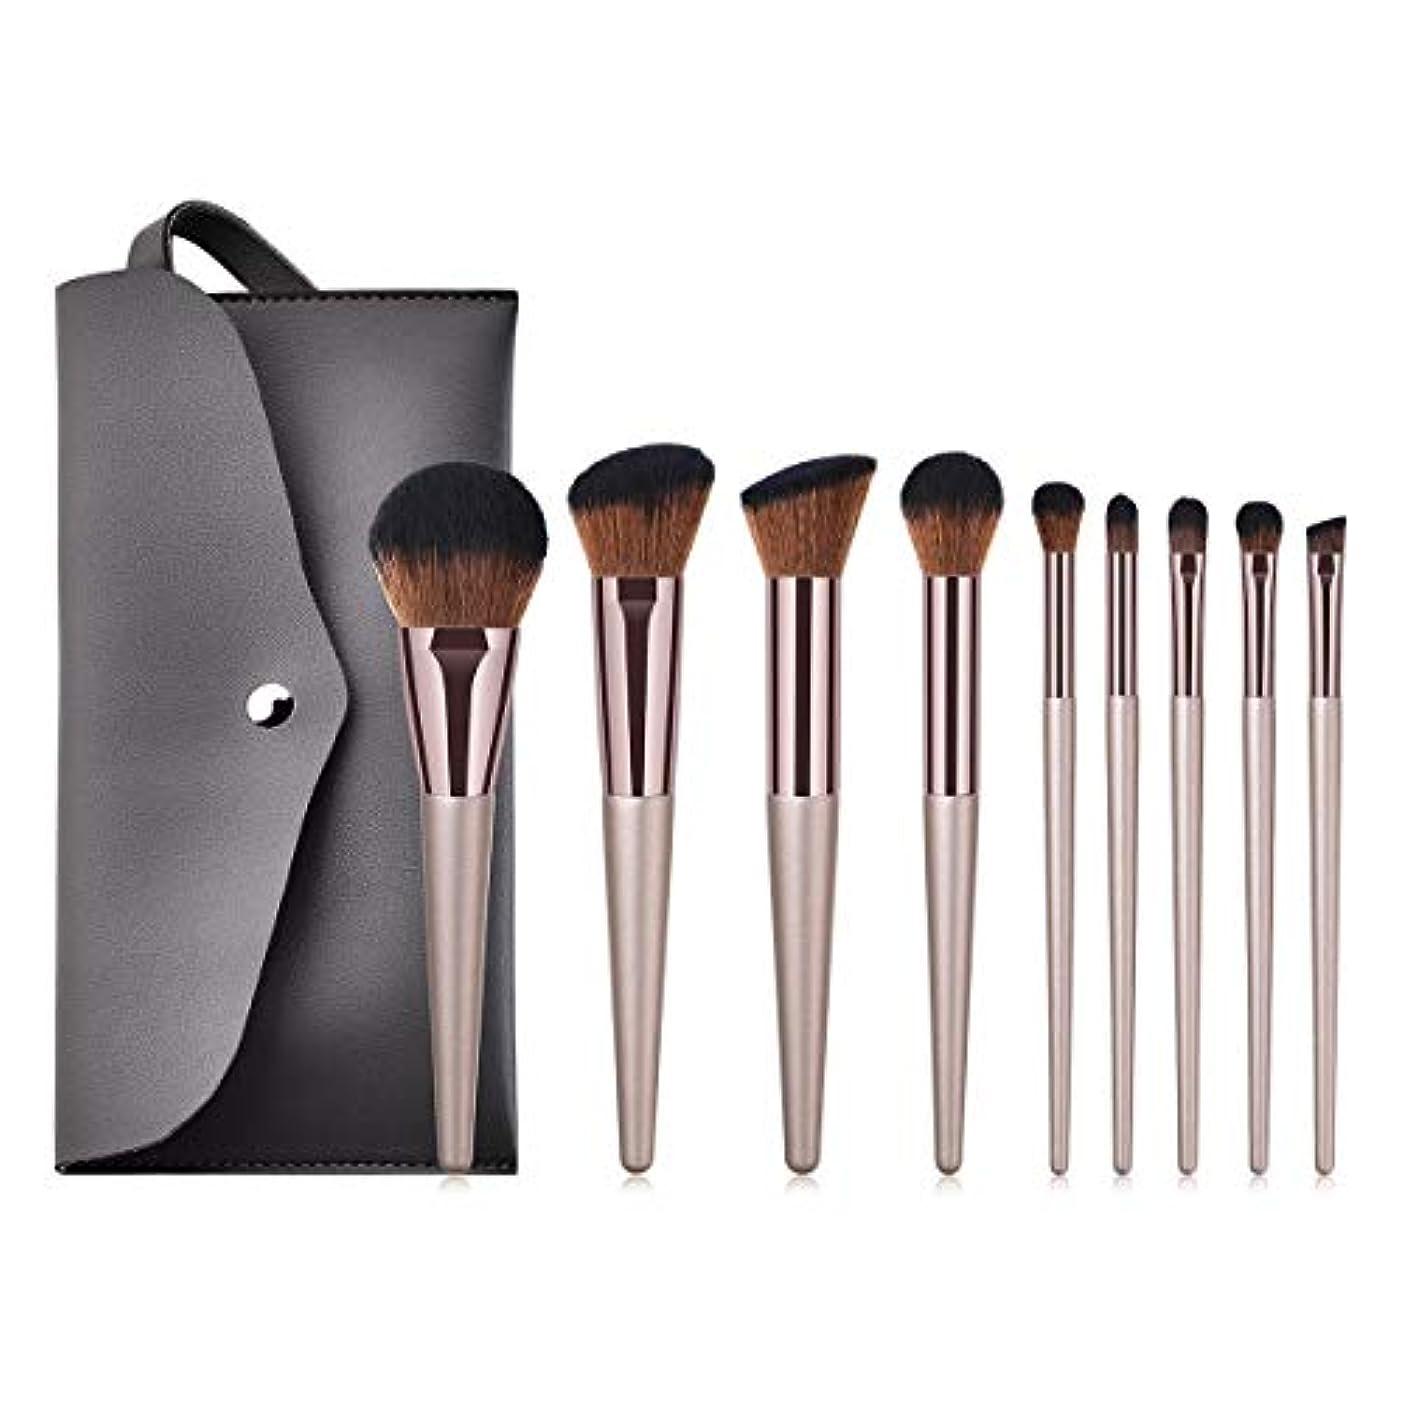 シード内なる音楽を聴くMakeup brushes PUレザーバッグで設定された豪華な9本の化粧ブラシ suits (Color : Gold)